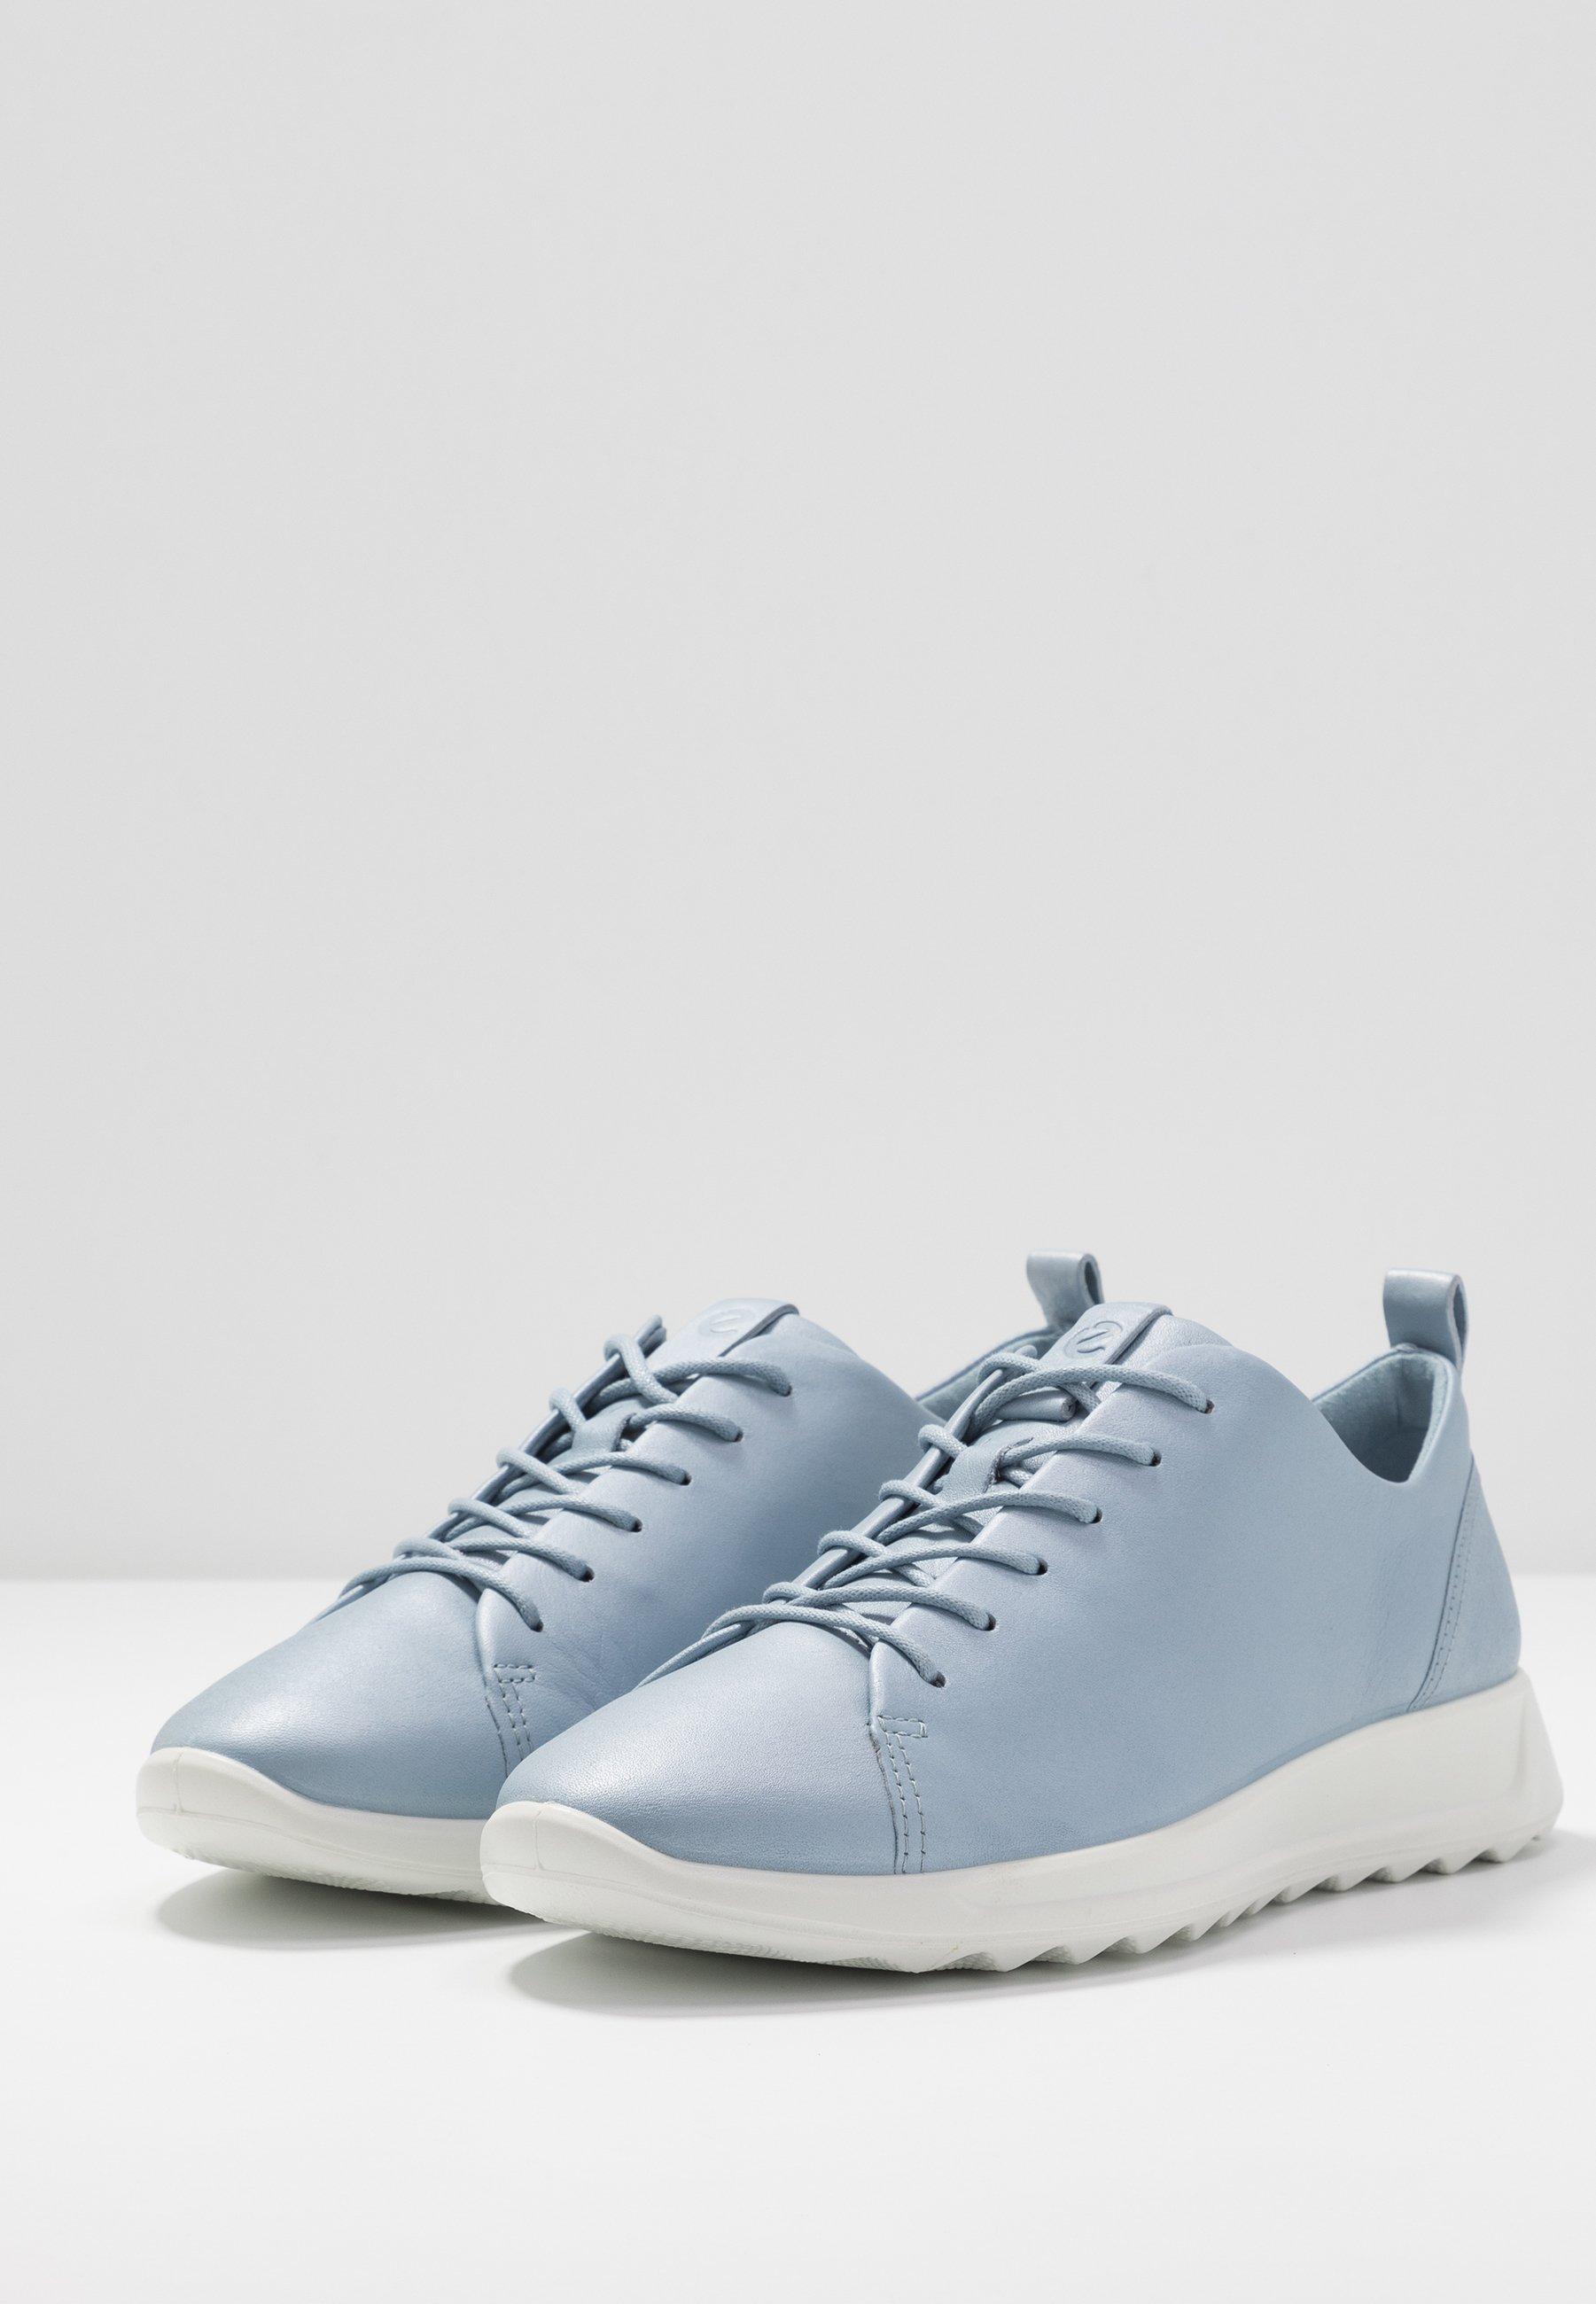 Ecco Flexure W - Sneakers Dusty Blue Metallic